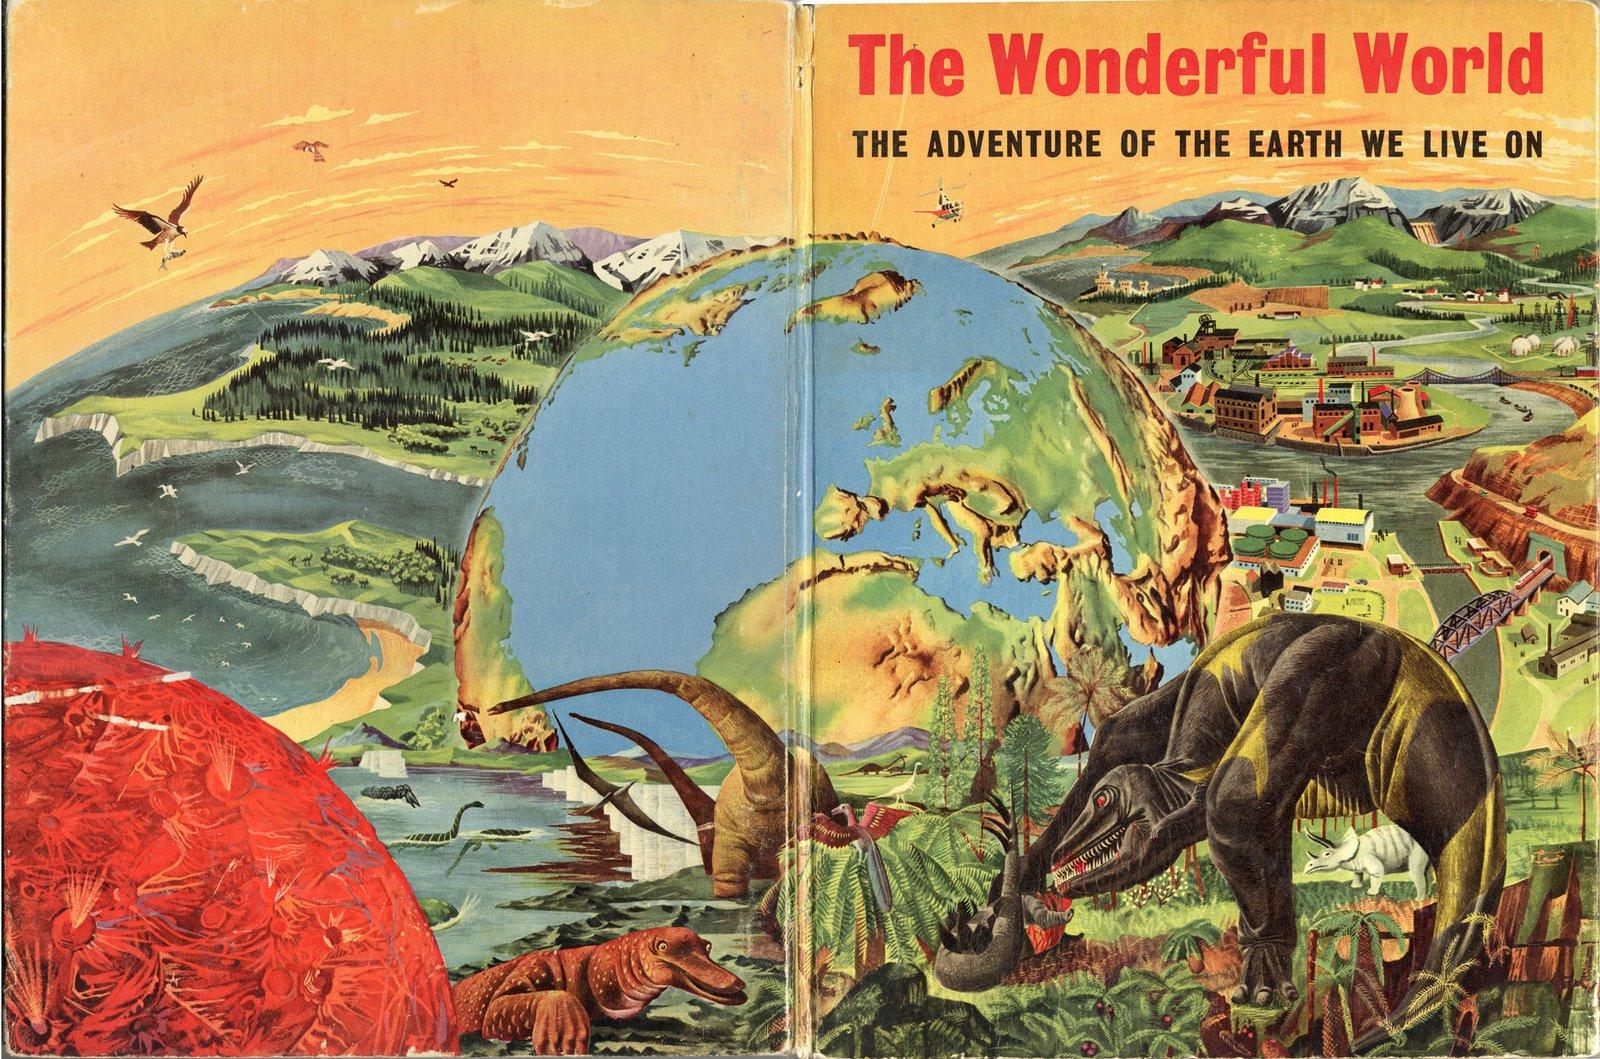 http://3.bp.blogspot.com/_ZaTCJM8RRD0/SHWWZuUV0VI/AAAAAAAAAZM/0BfSUS0FsrA/s1600/wonderful.world.cover.jpg